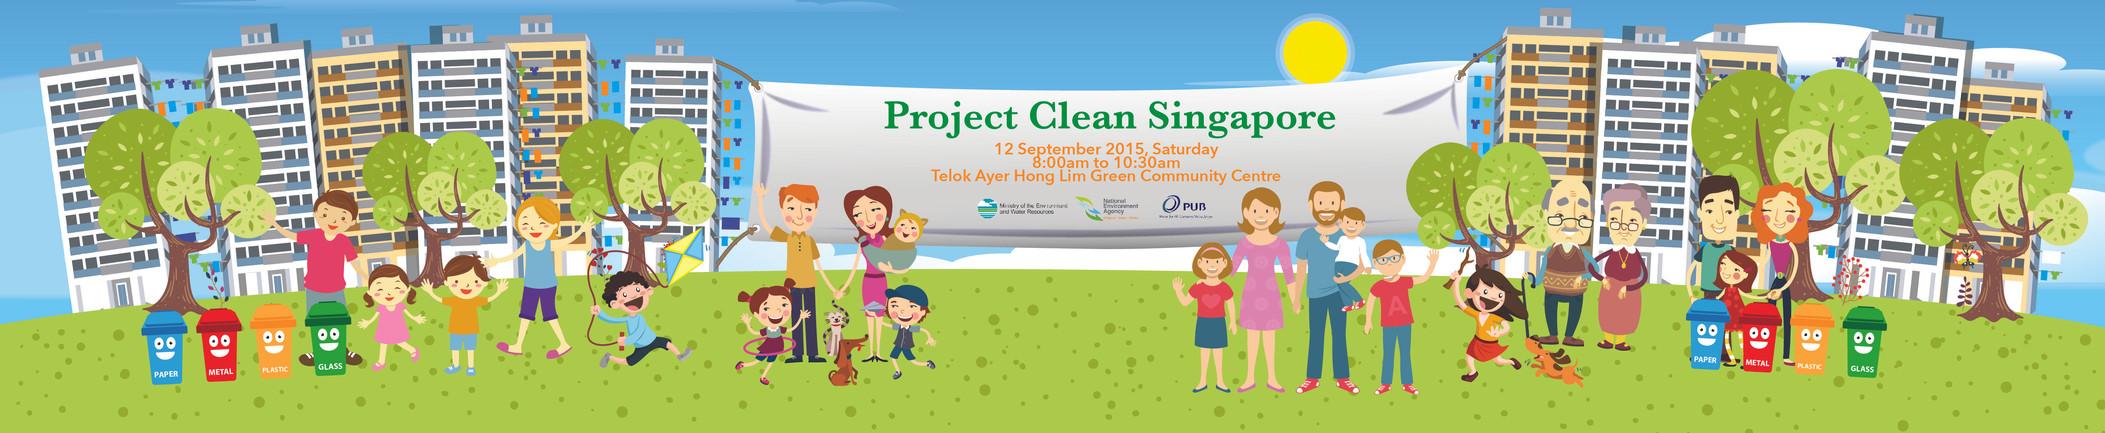 Project Clean Singapore Concept